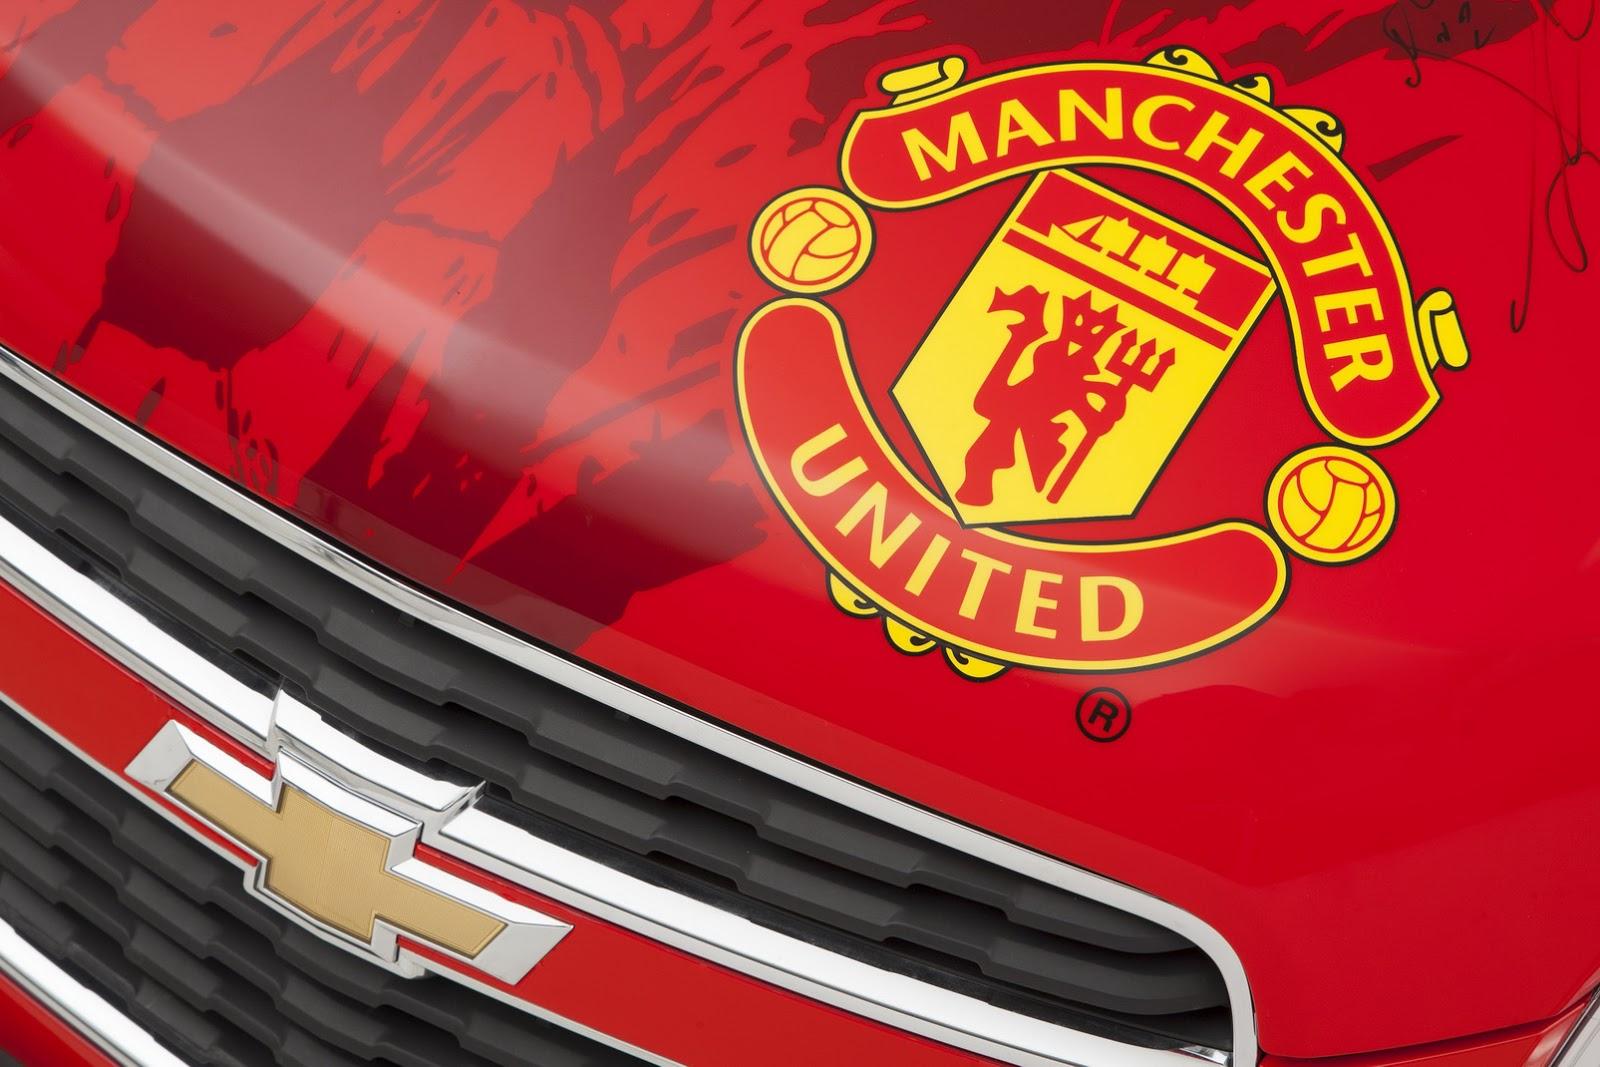 Man Utd Seek New Shirt Sponsor As Chevrolet Deal Expires In 2021